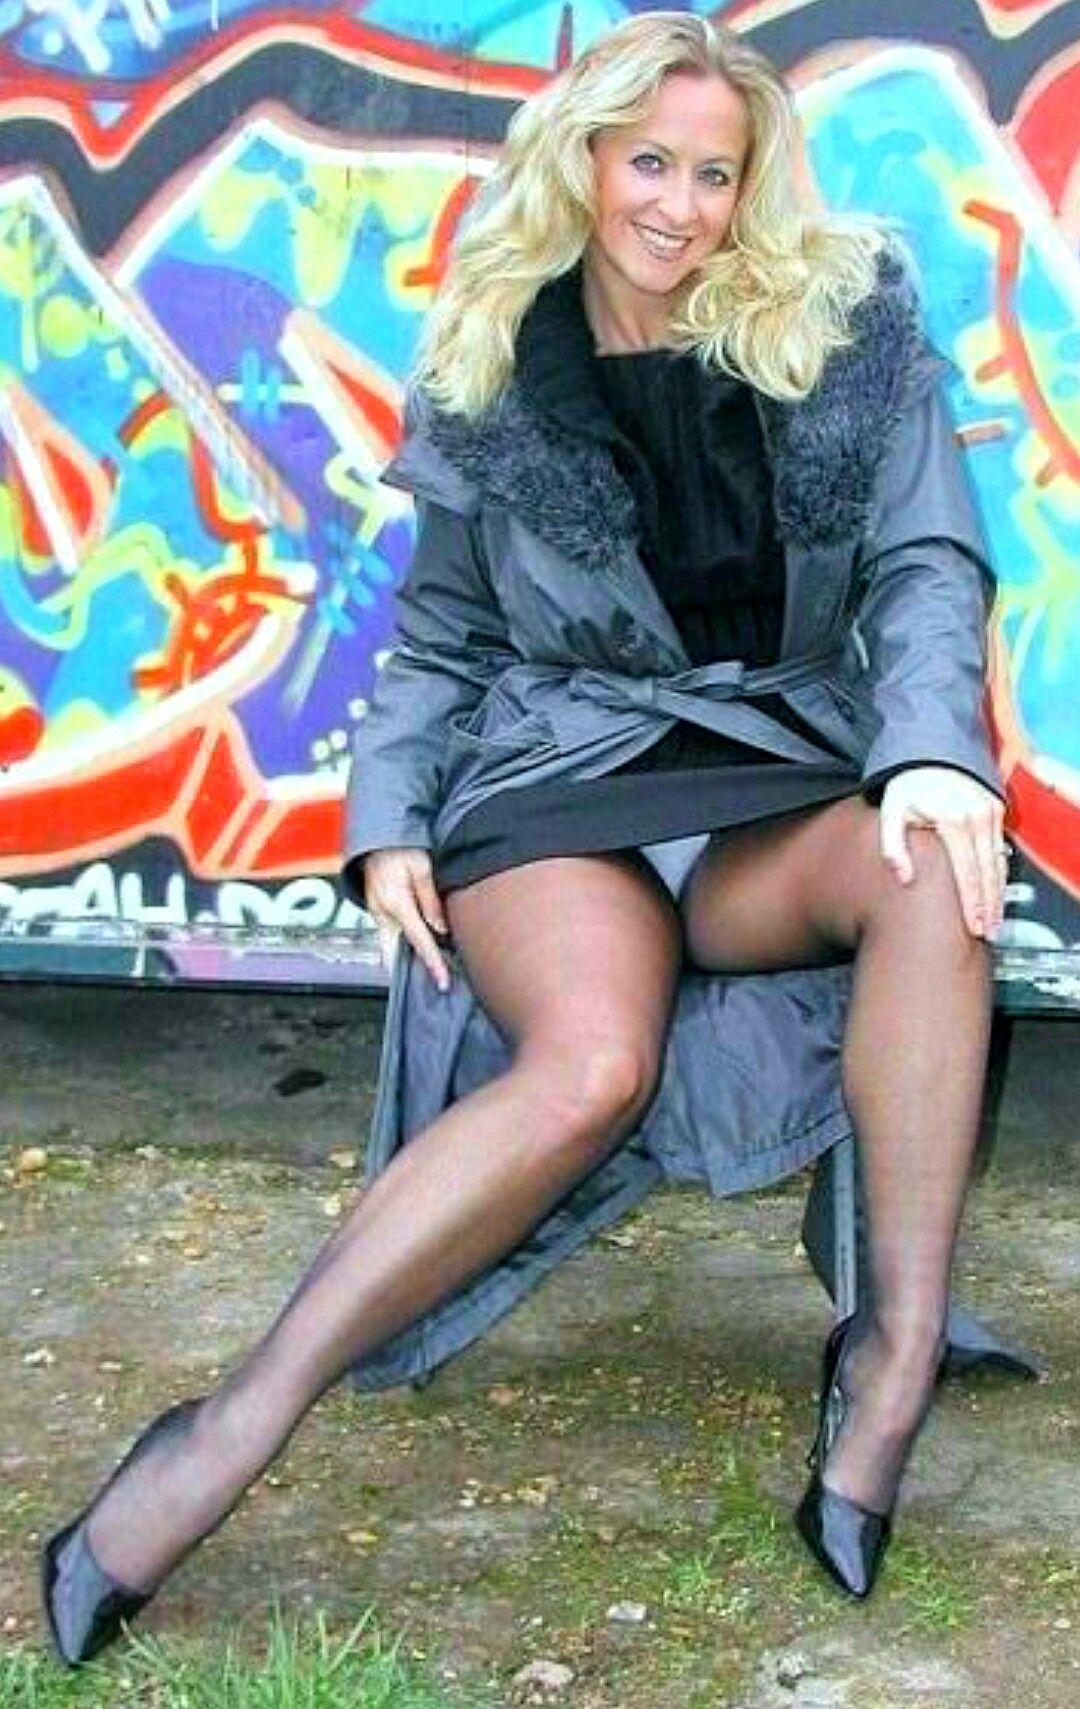 Große reife Blondine mit heißen starken Beinen